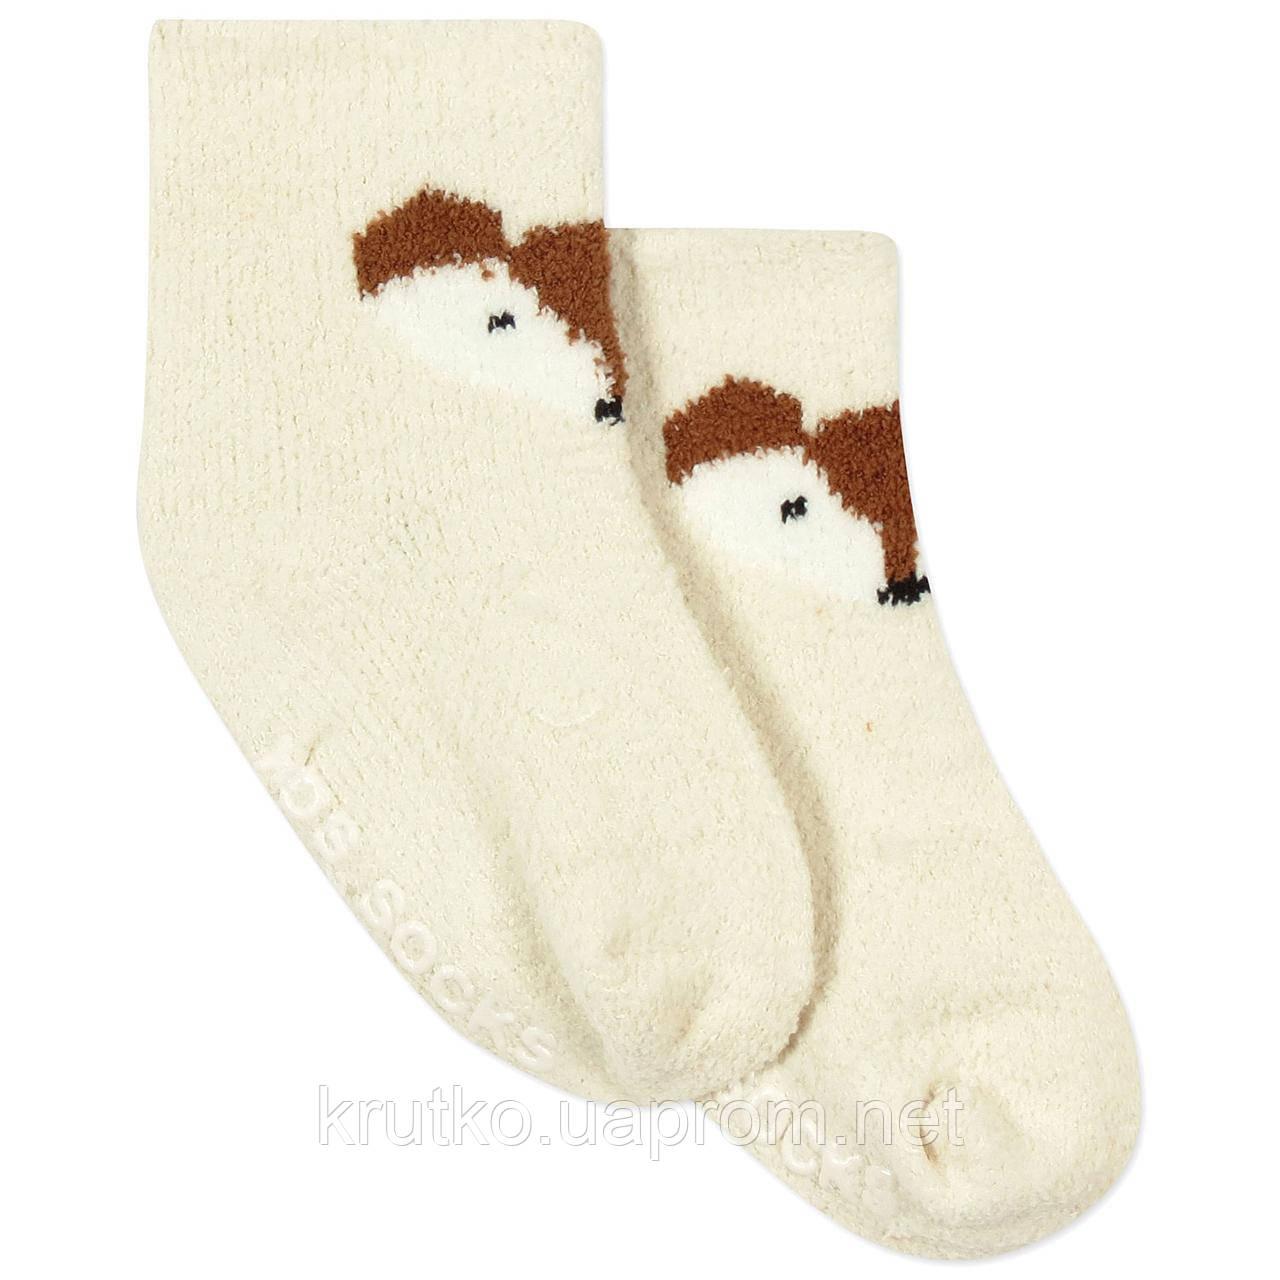 Детские антискользящие носки с начесом Лис Berni